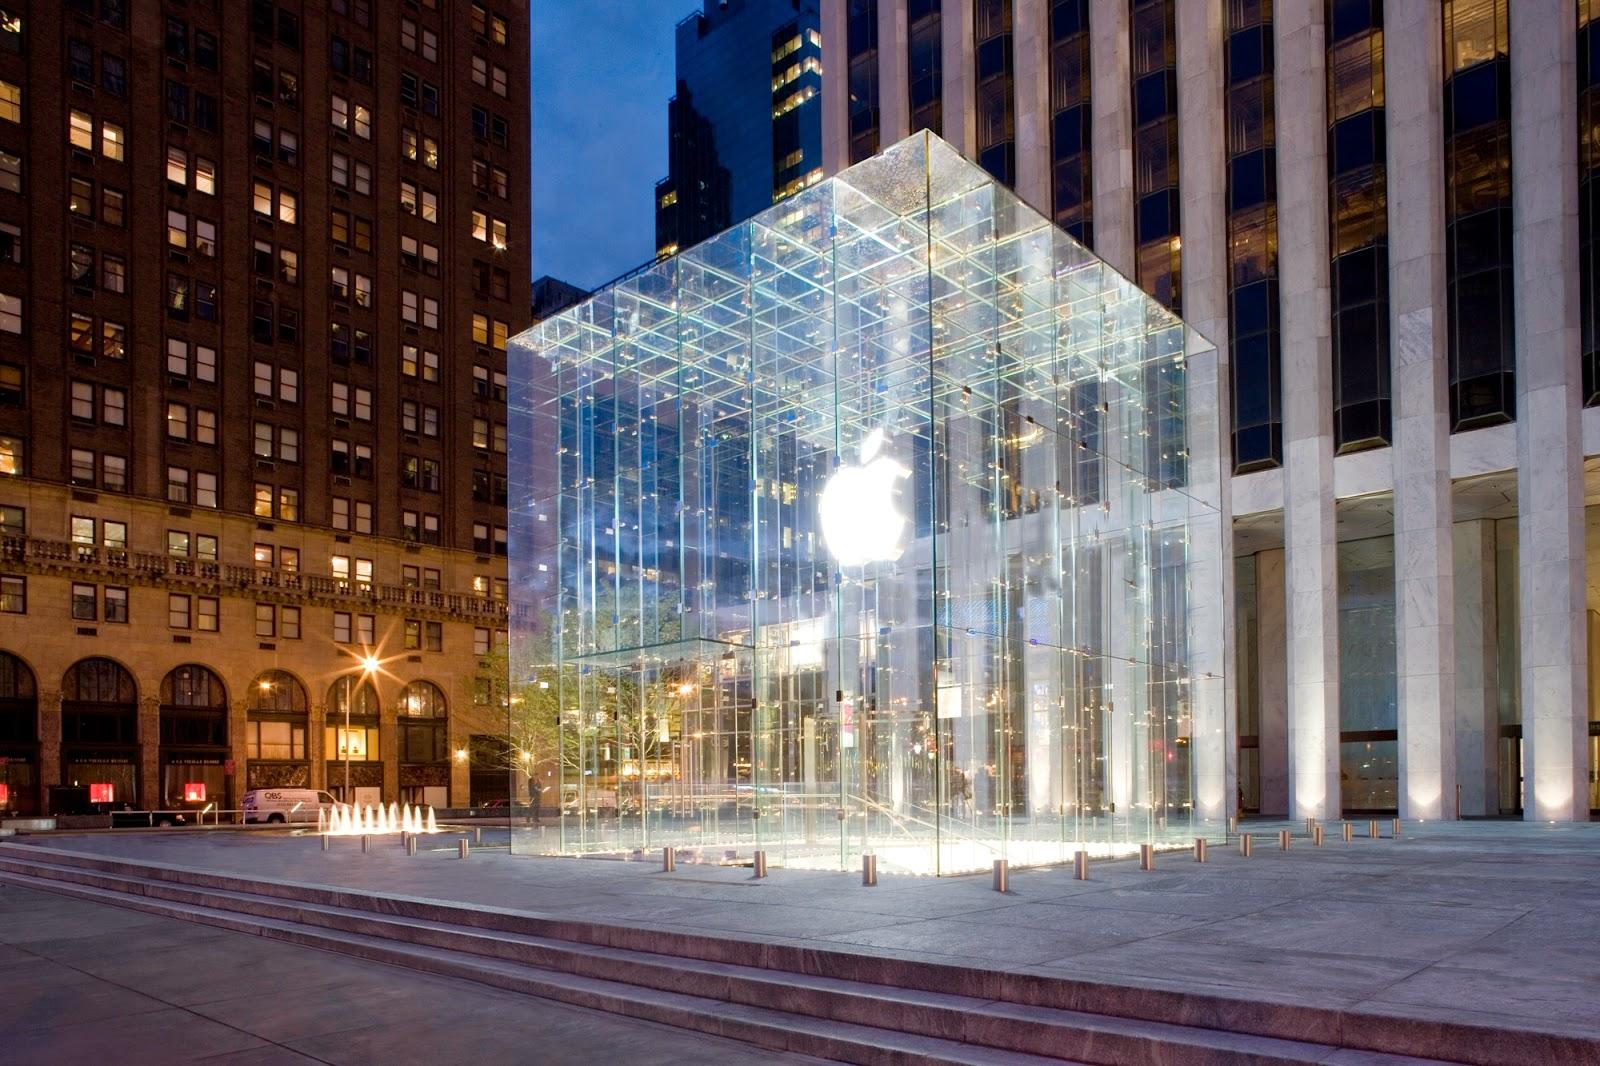 Lojas de eletrônicos na Quinta Avenida em Nova York